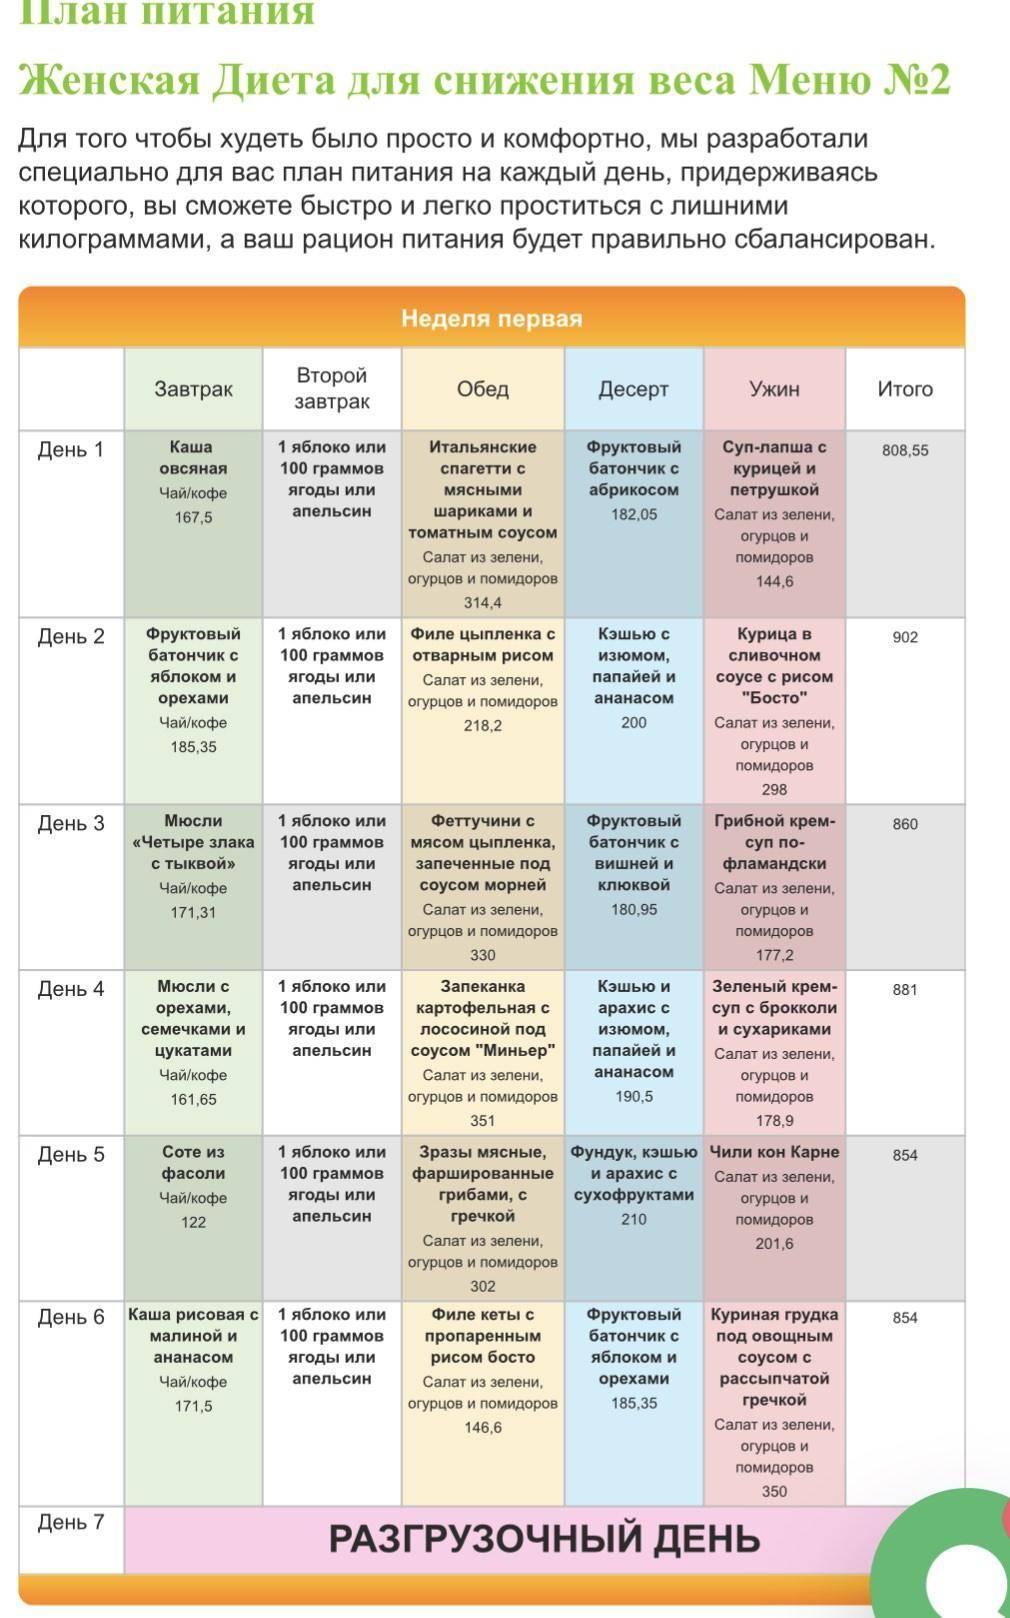 Меню на 1200 калорий в день: примерный пп рацион питания из простых продуктов и диета для похудения с отзывами похудевших и результатами